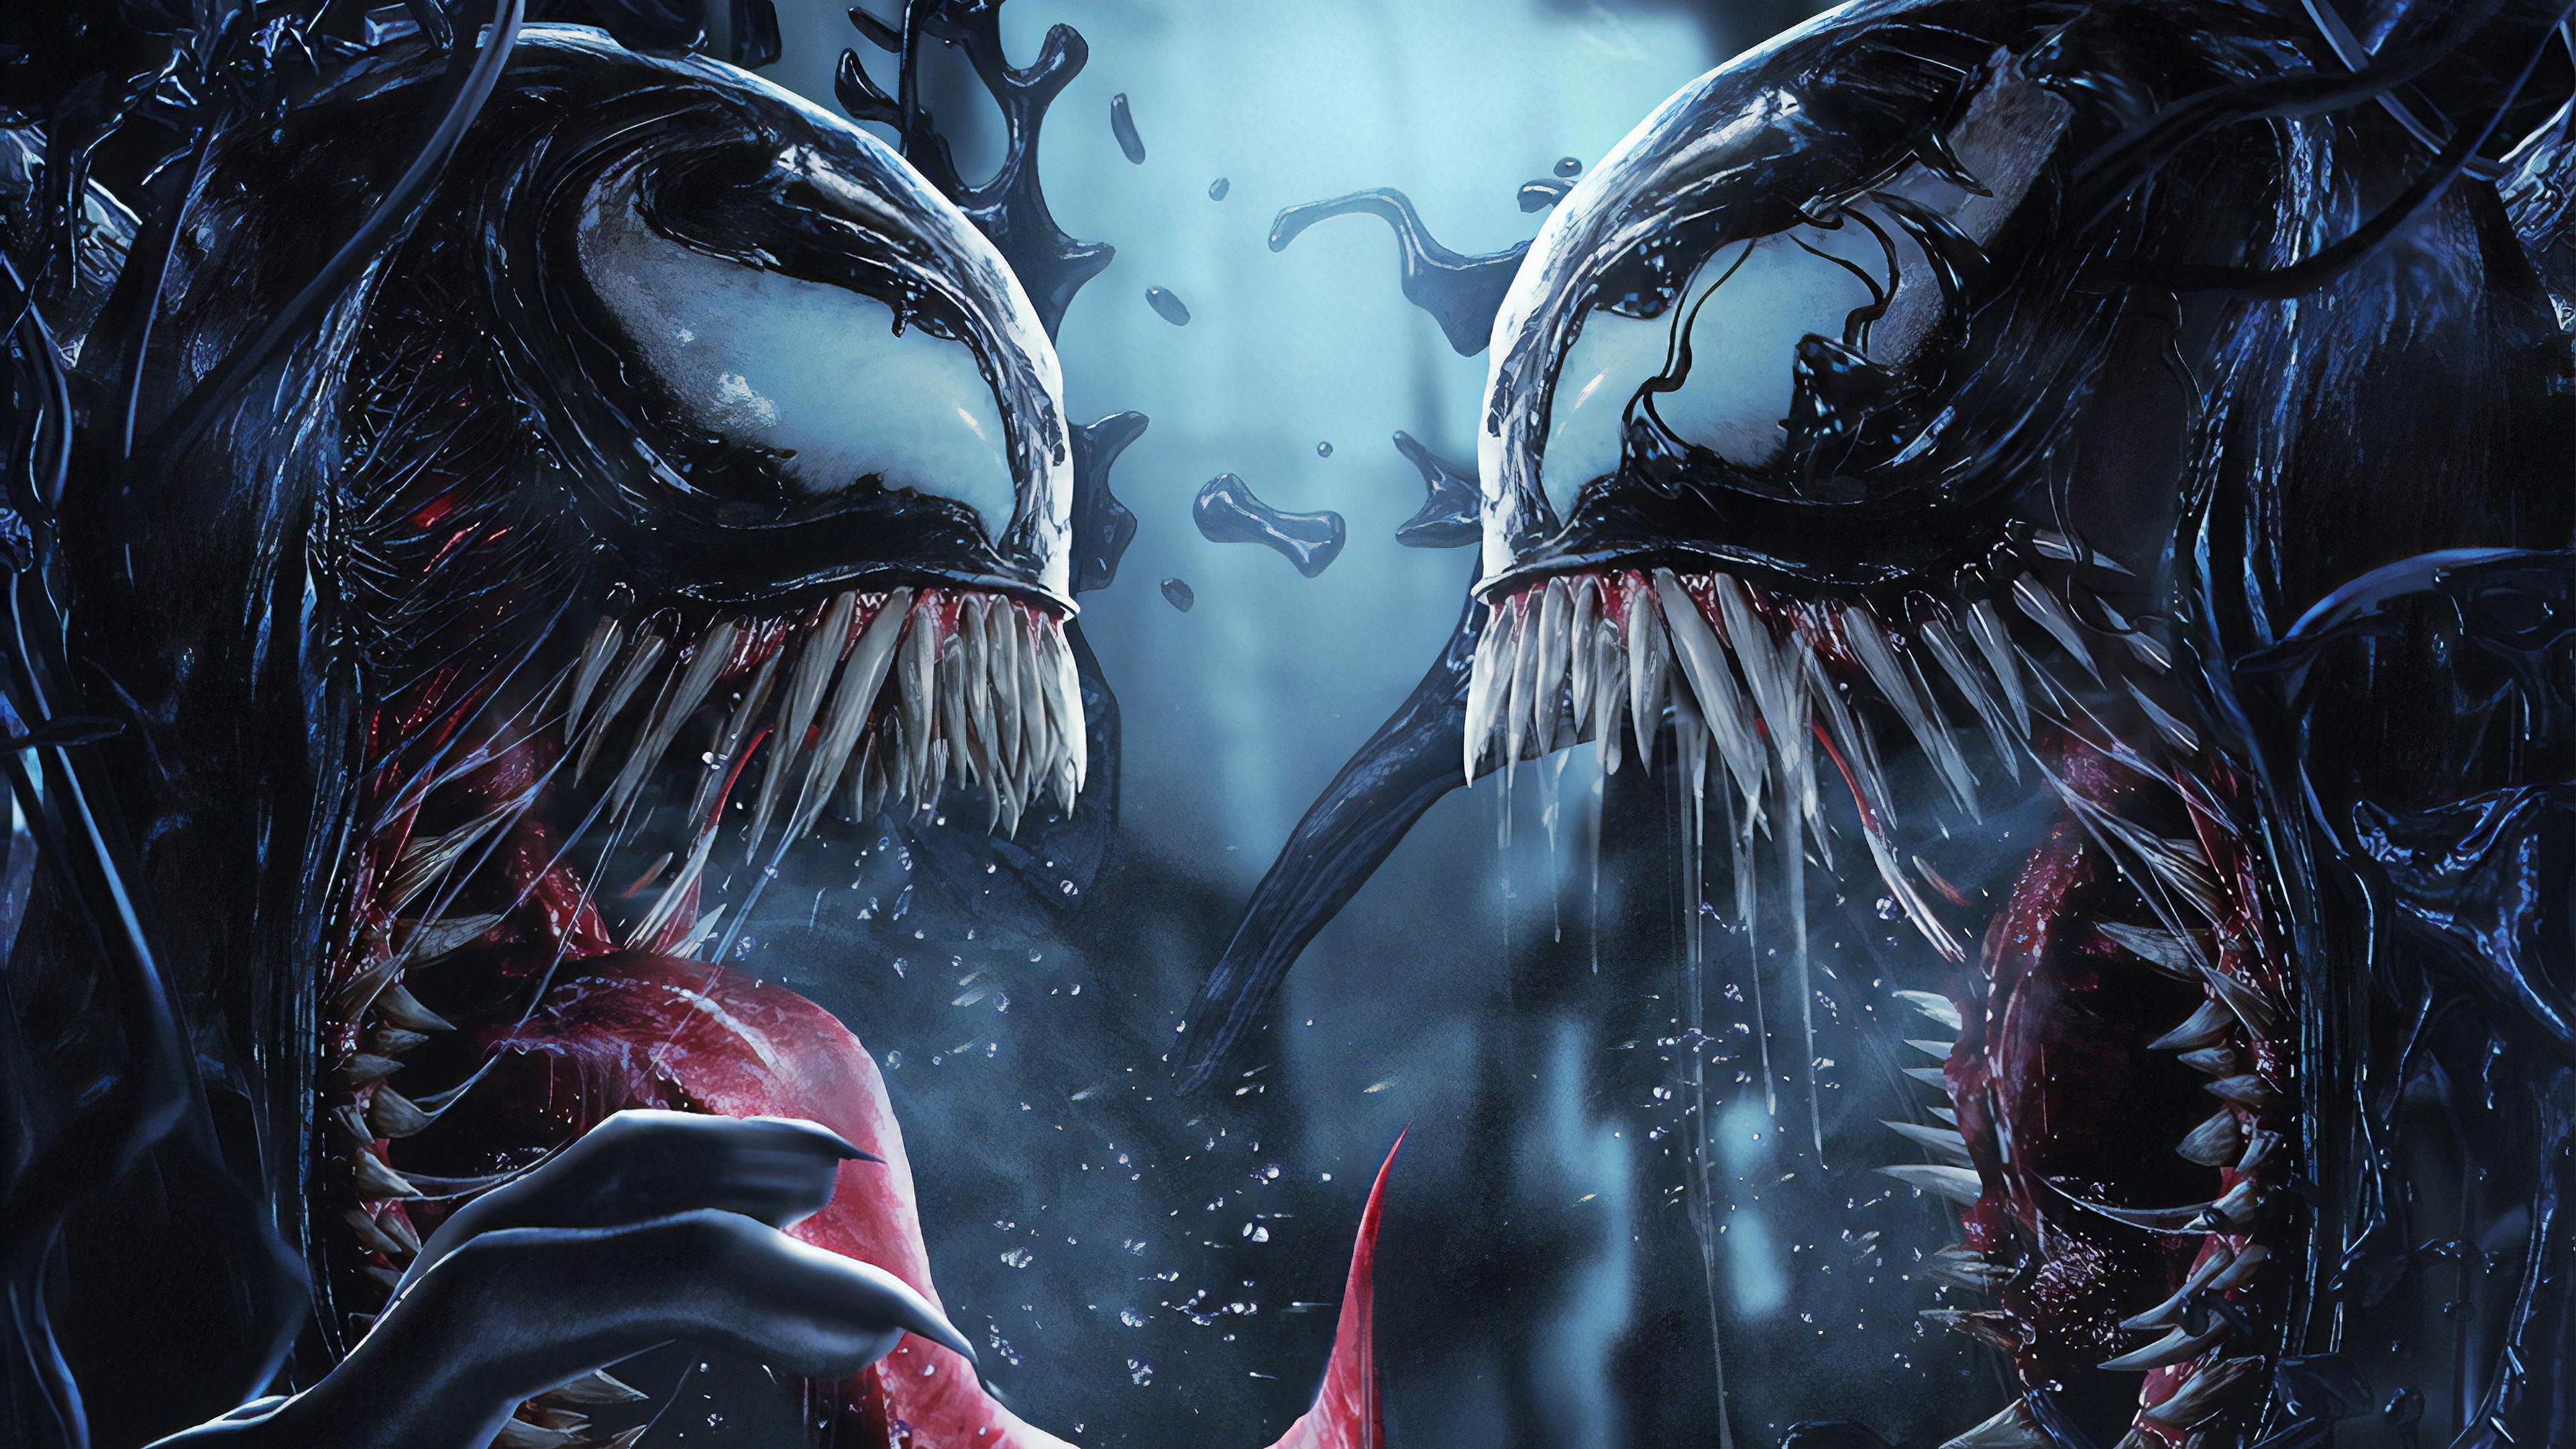 venom vs riot art 1569186885 - Venom Vs Riot Art - Venom wallpapers, superheroes wallpapers, hd-wallpapers, artwork wallpapers, artstation wallpapers, 4k-wallpapers